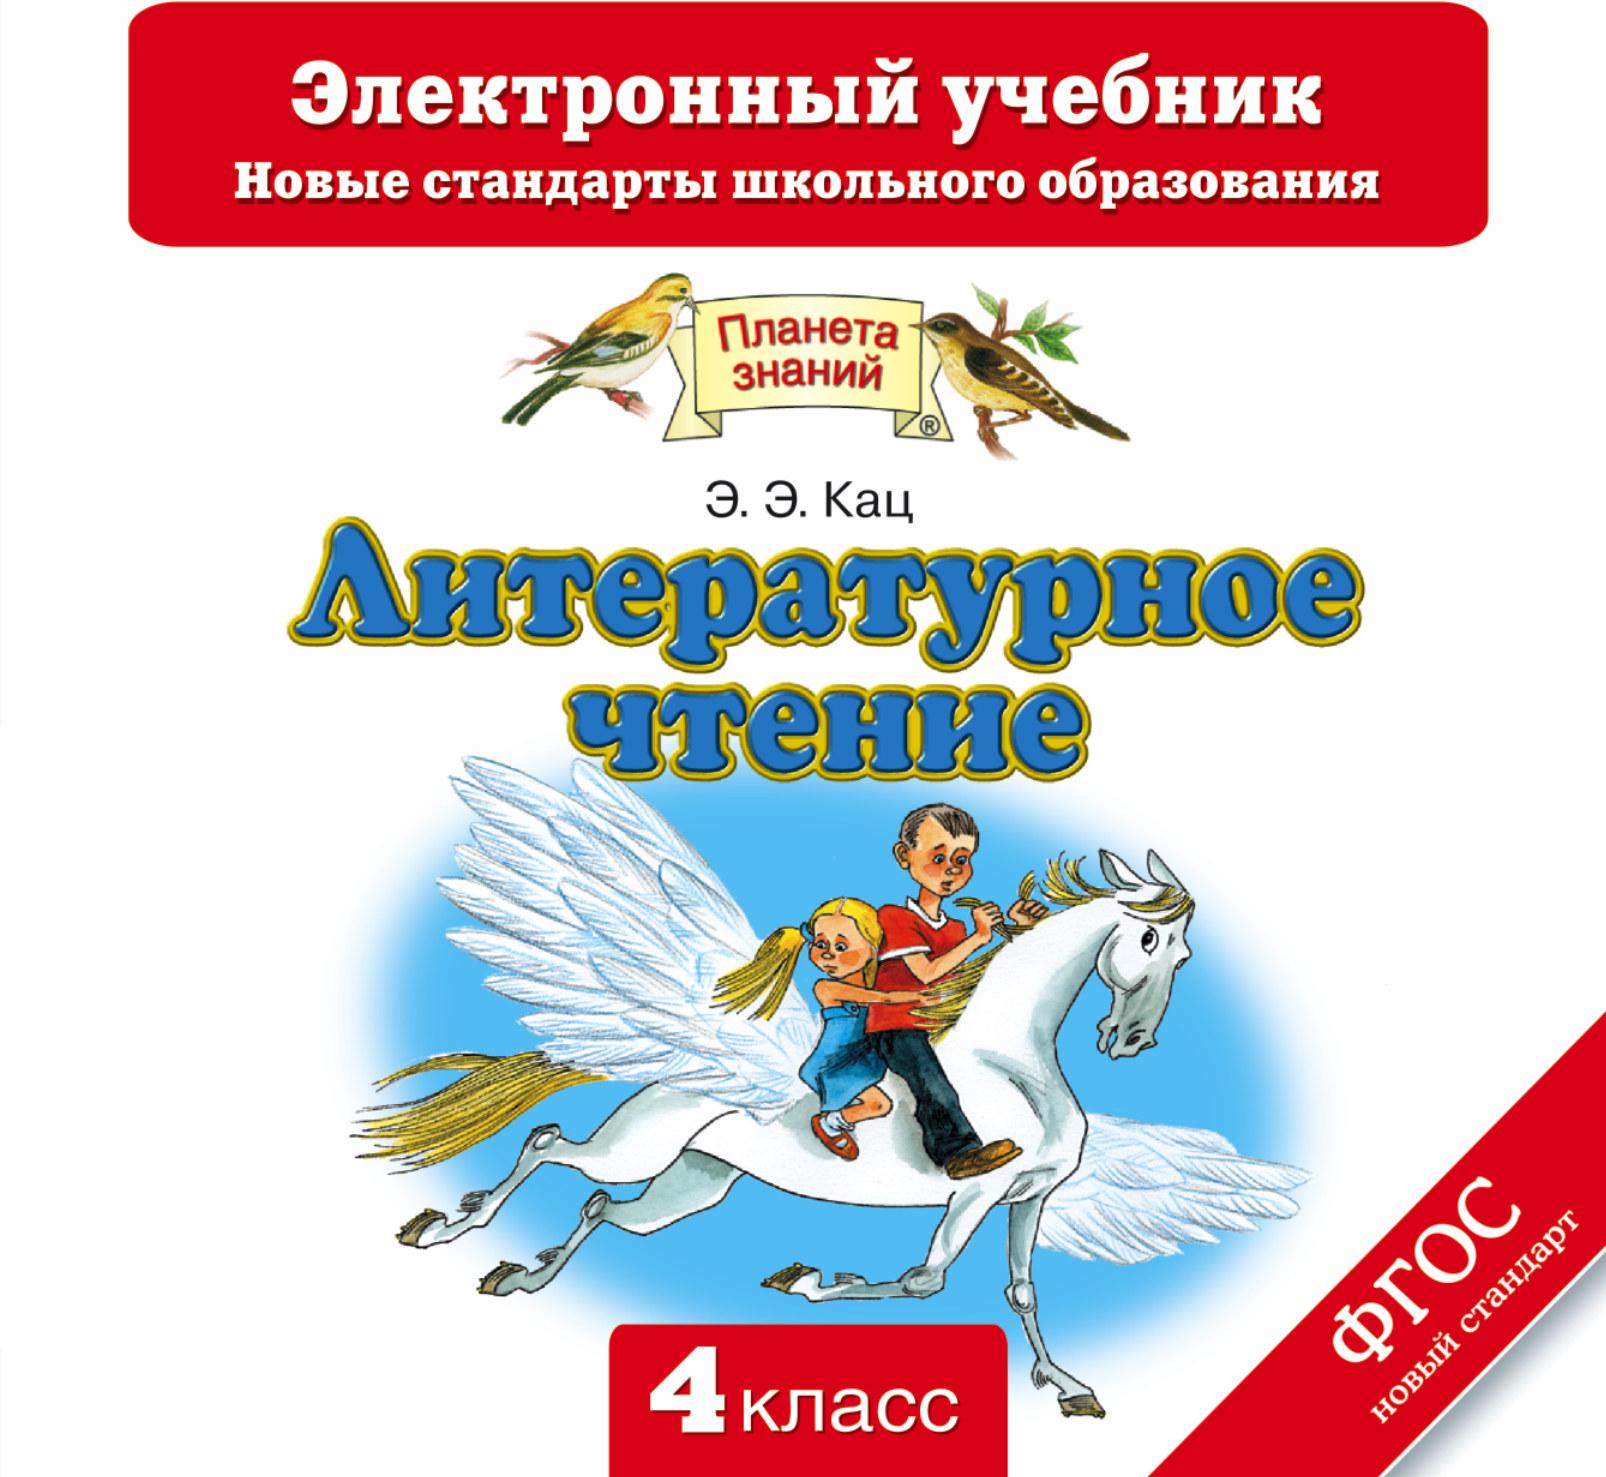 Кац Э.Э. Литературное чтение. 4 класс. Электронный учебник (CD) кац э э литературное чтение электронный учебник 2 класс cd